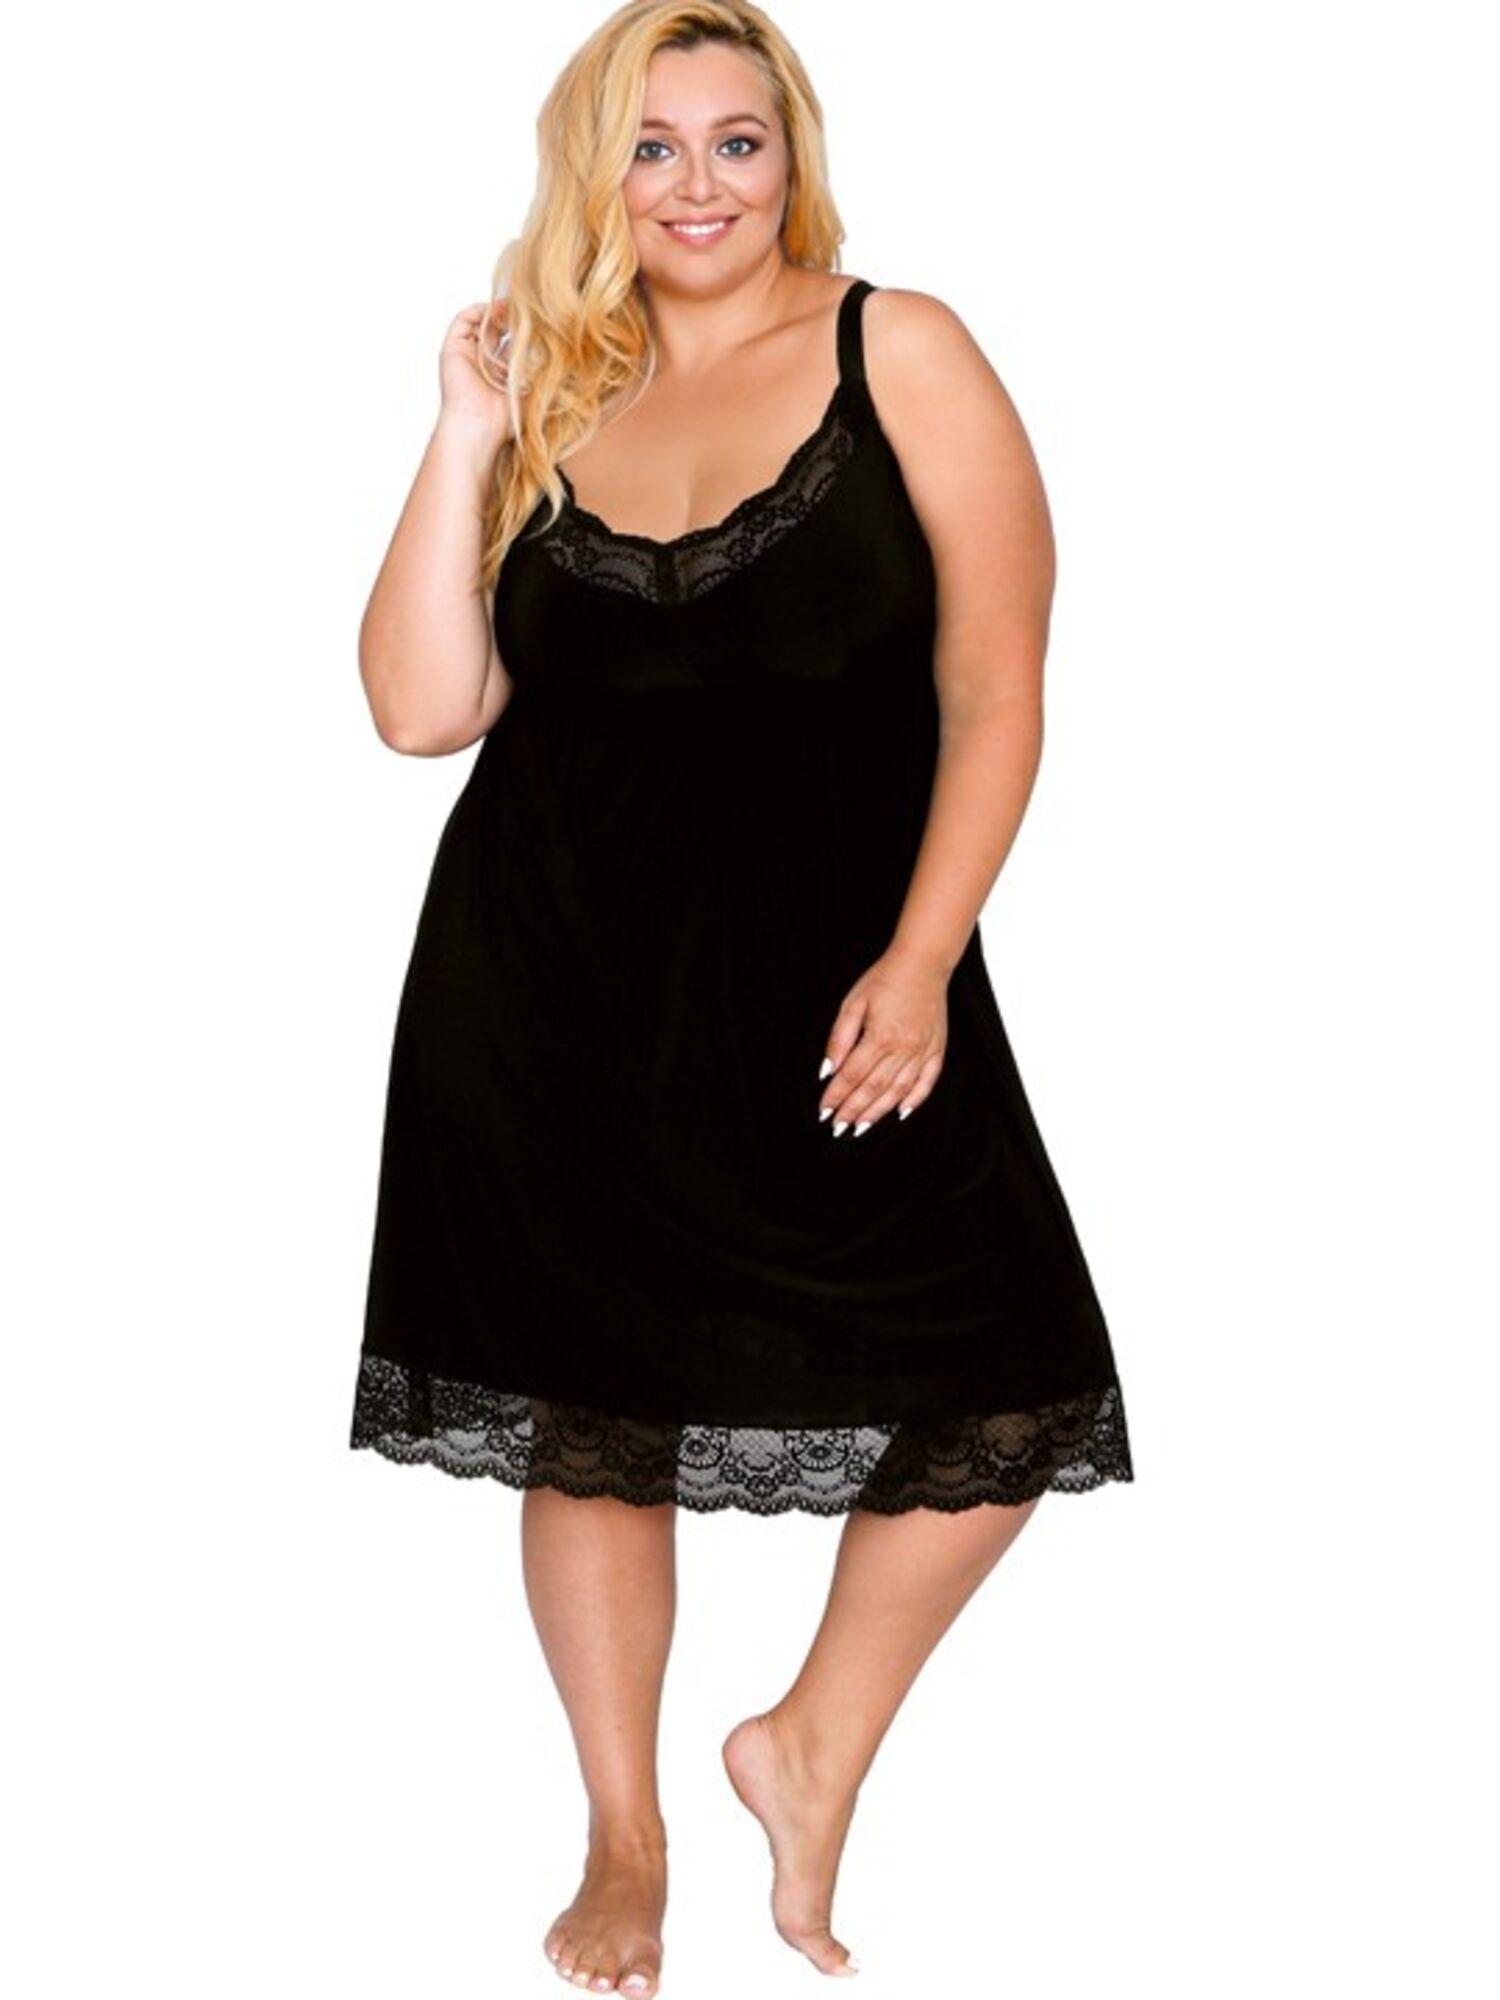 Сорочка женская из микрофибры AK_501, черный, AKCENT